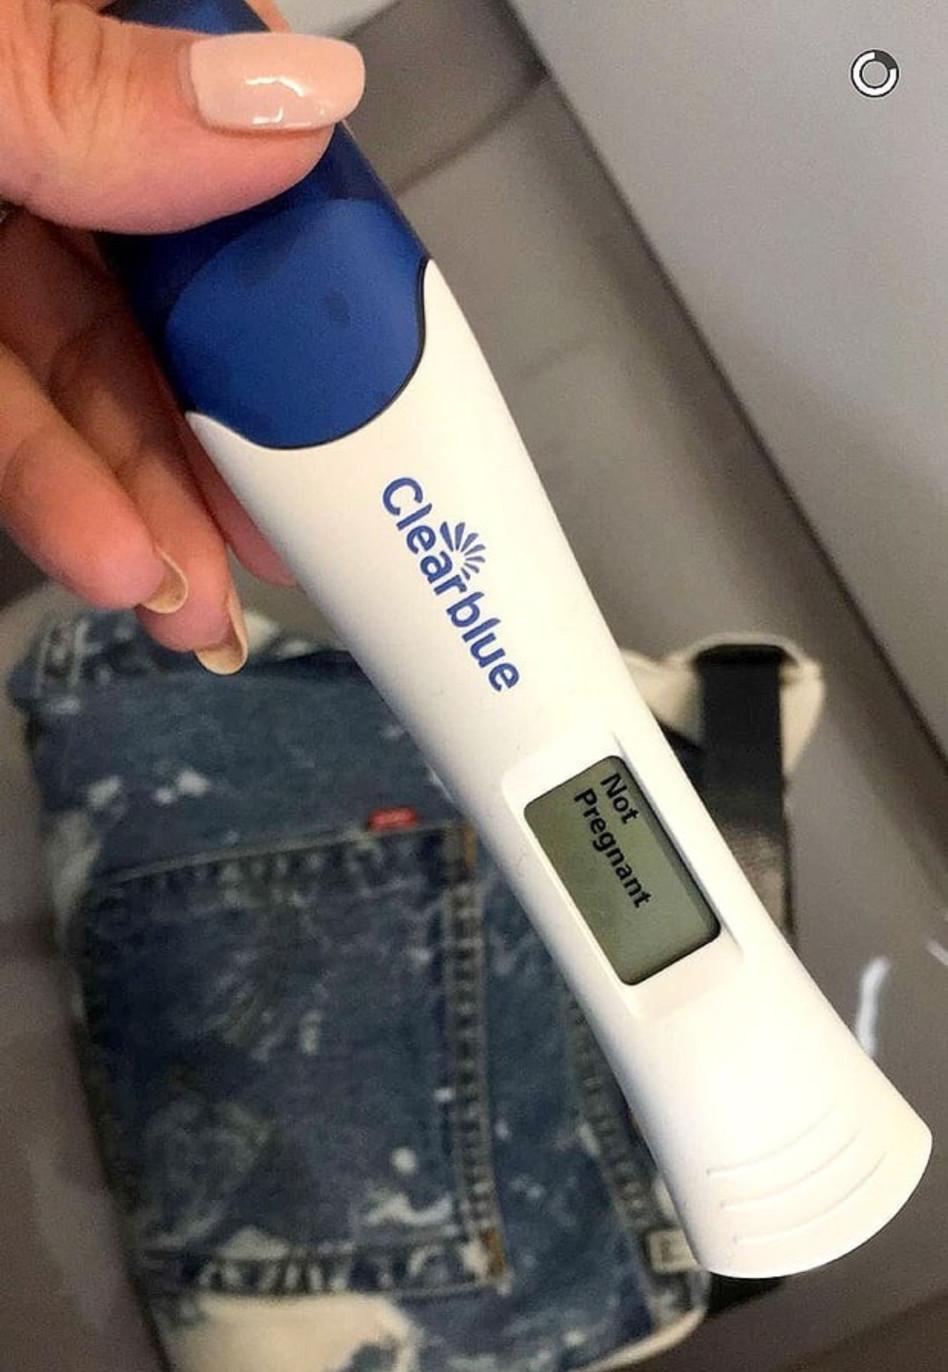 לא בהריון! תוצאת הבדיקה של קים קרדשיאן (צילום מסך)